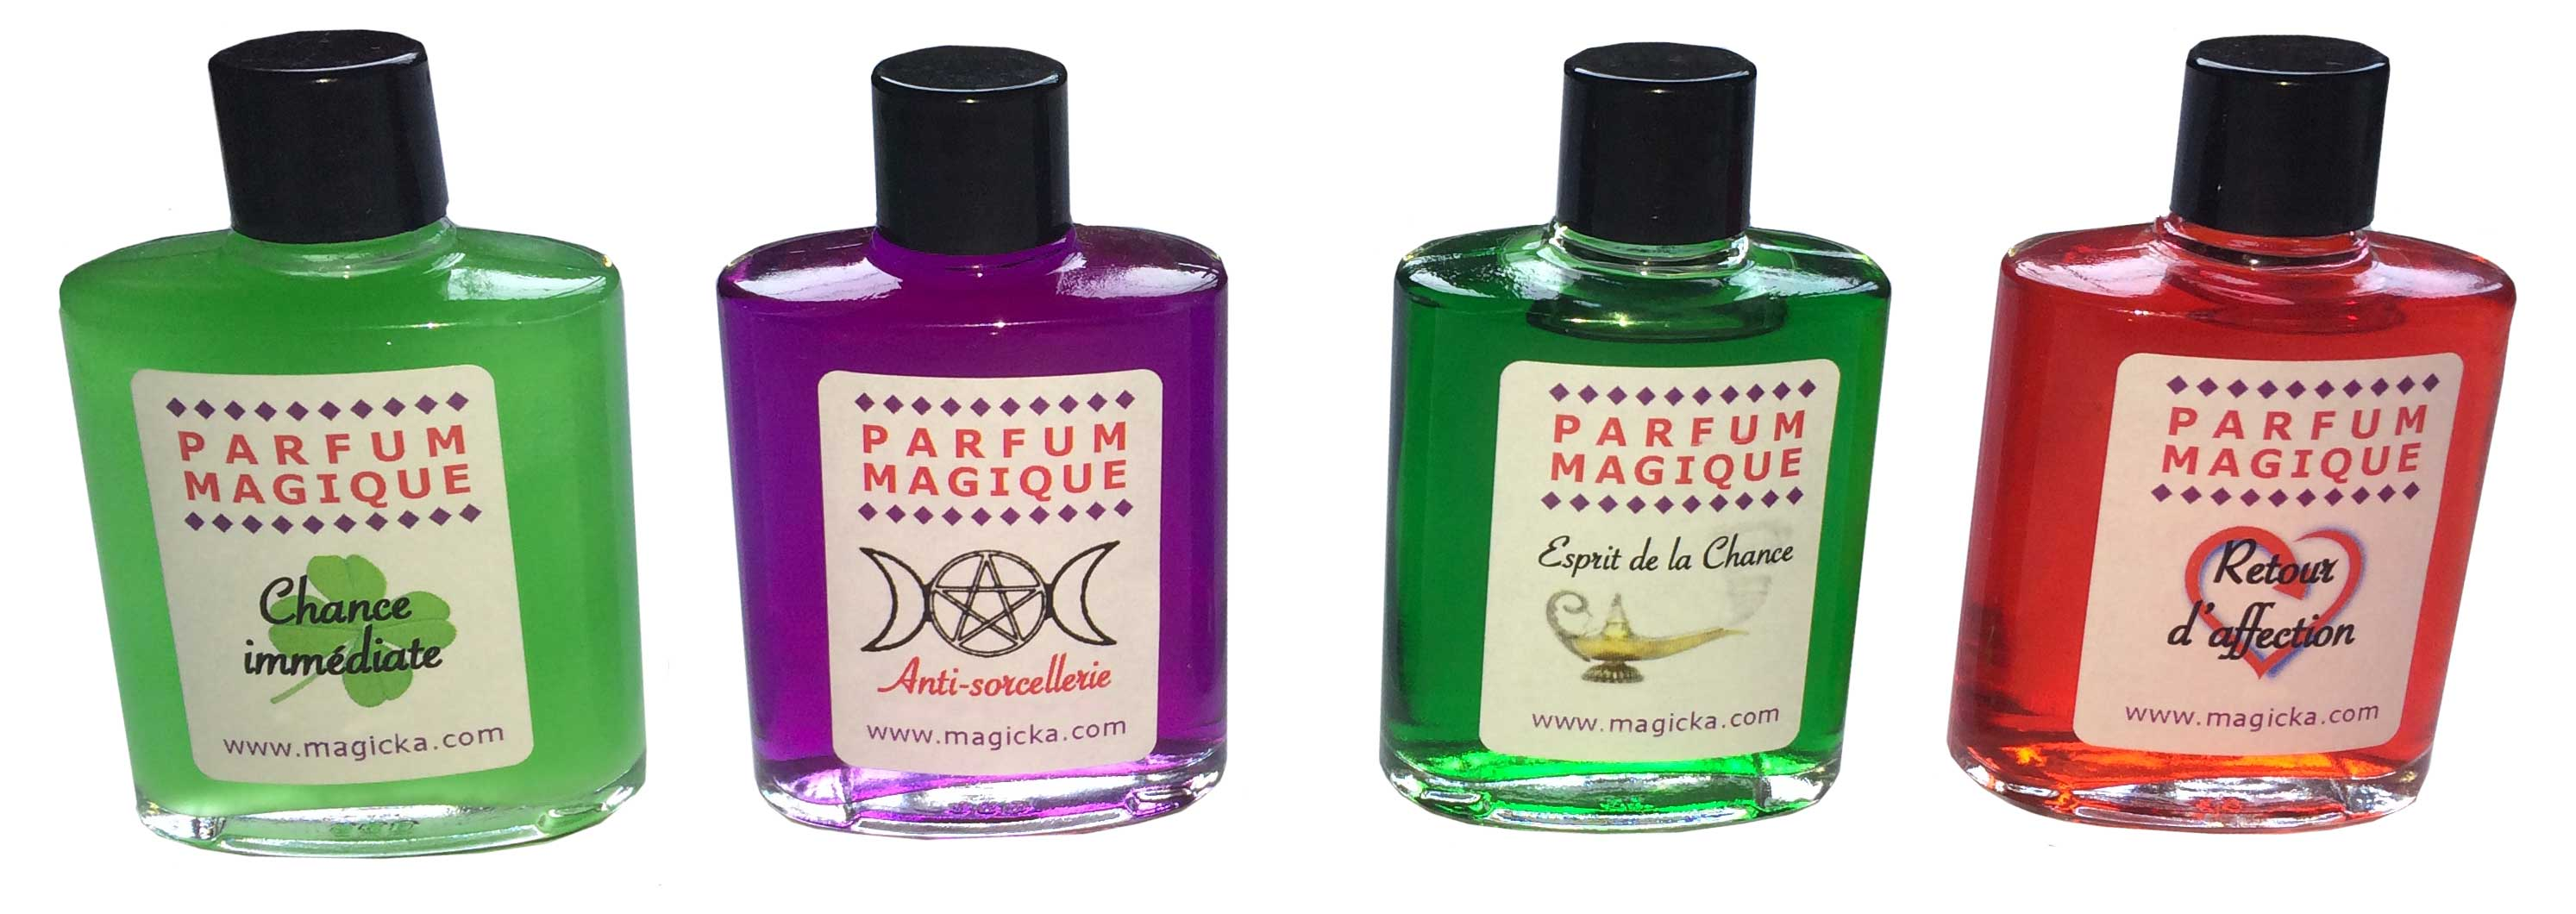 Favoriser La Chance parfum magique pour l'amour et lotions pour la protection et l